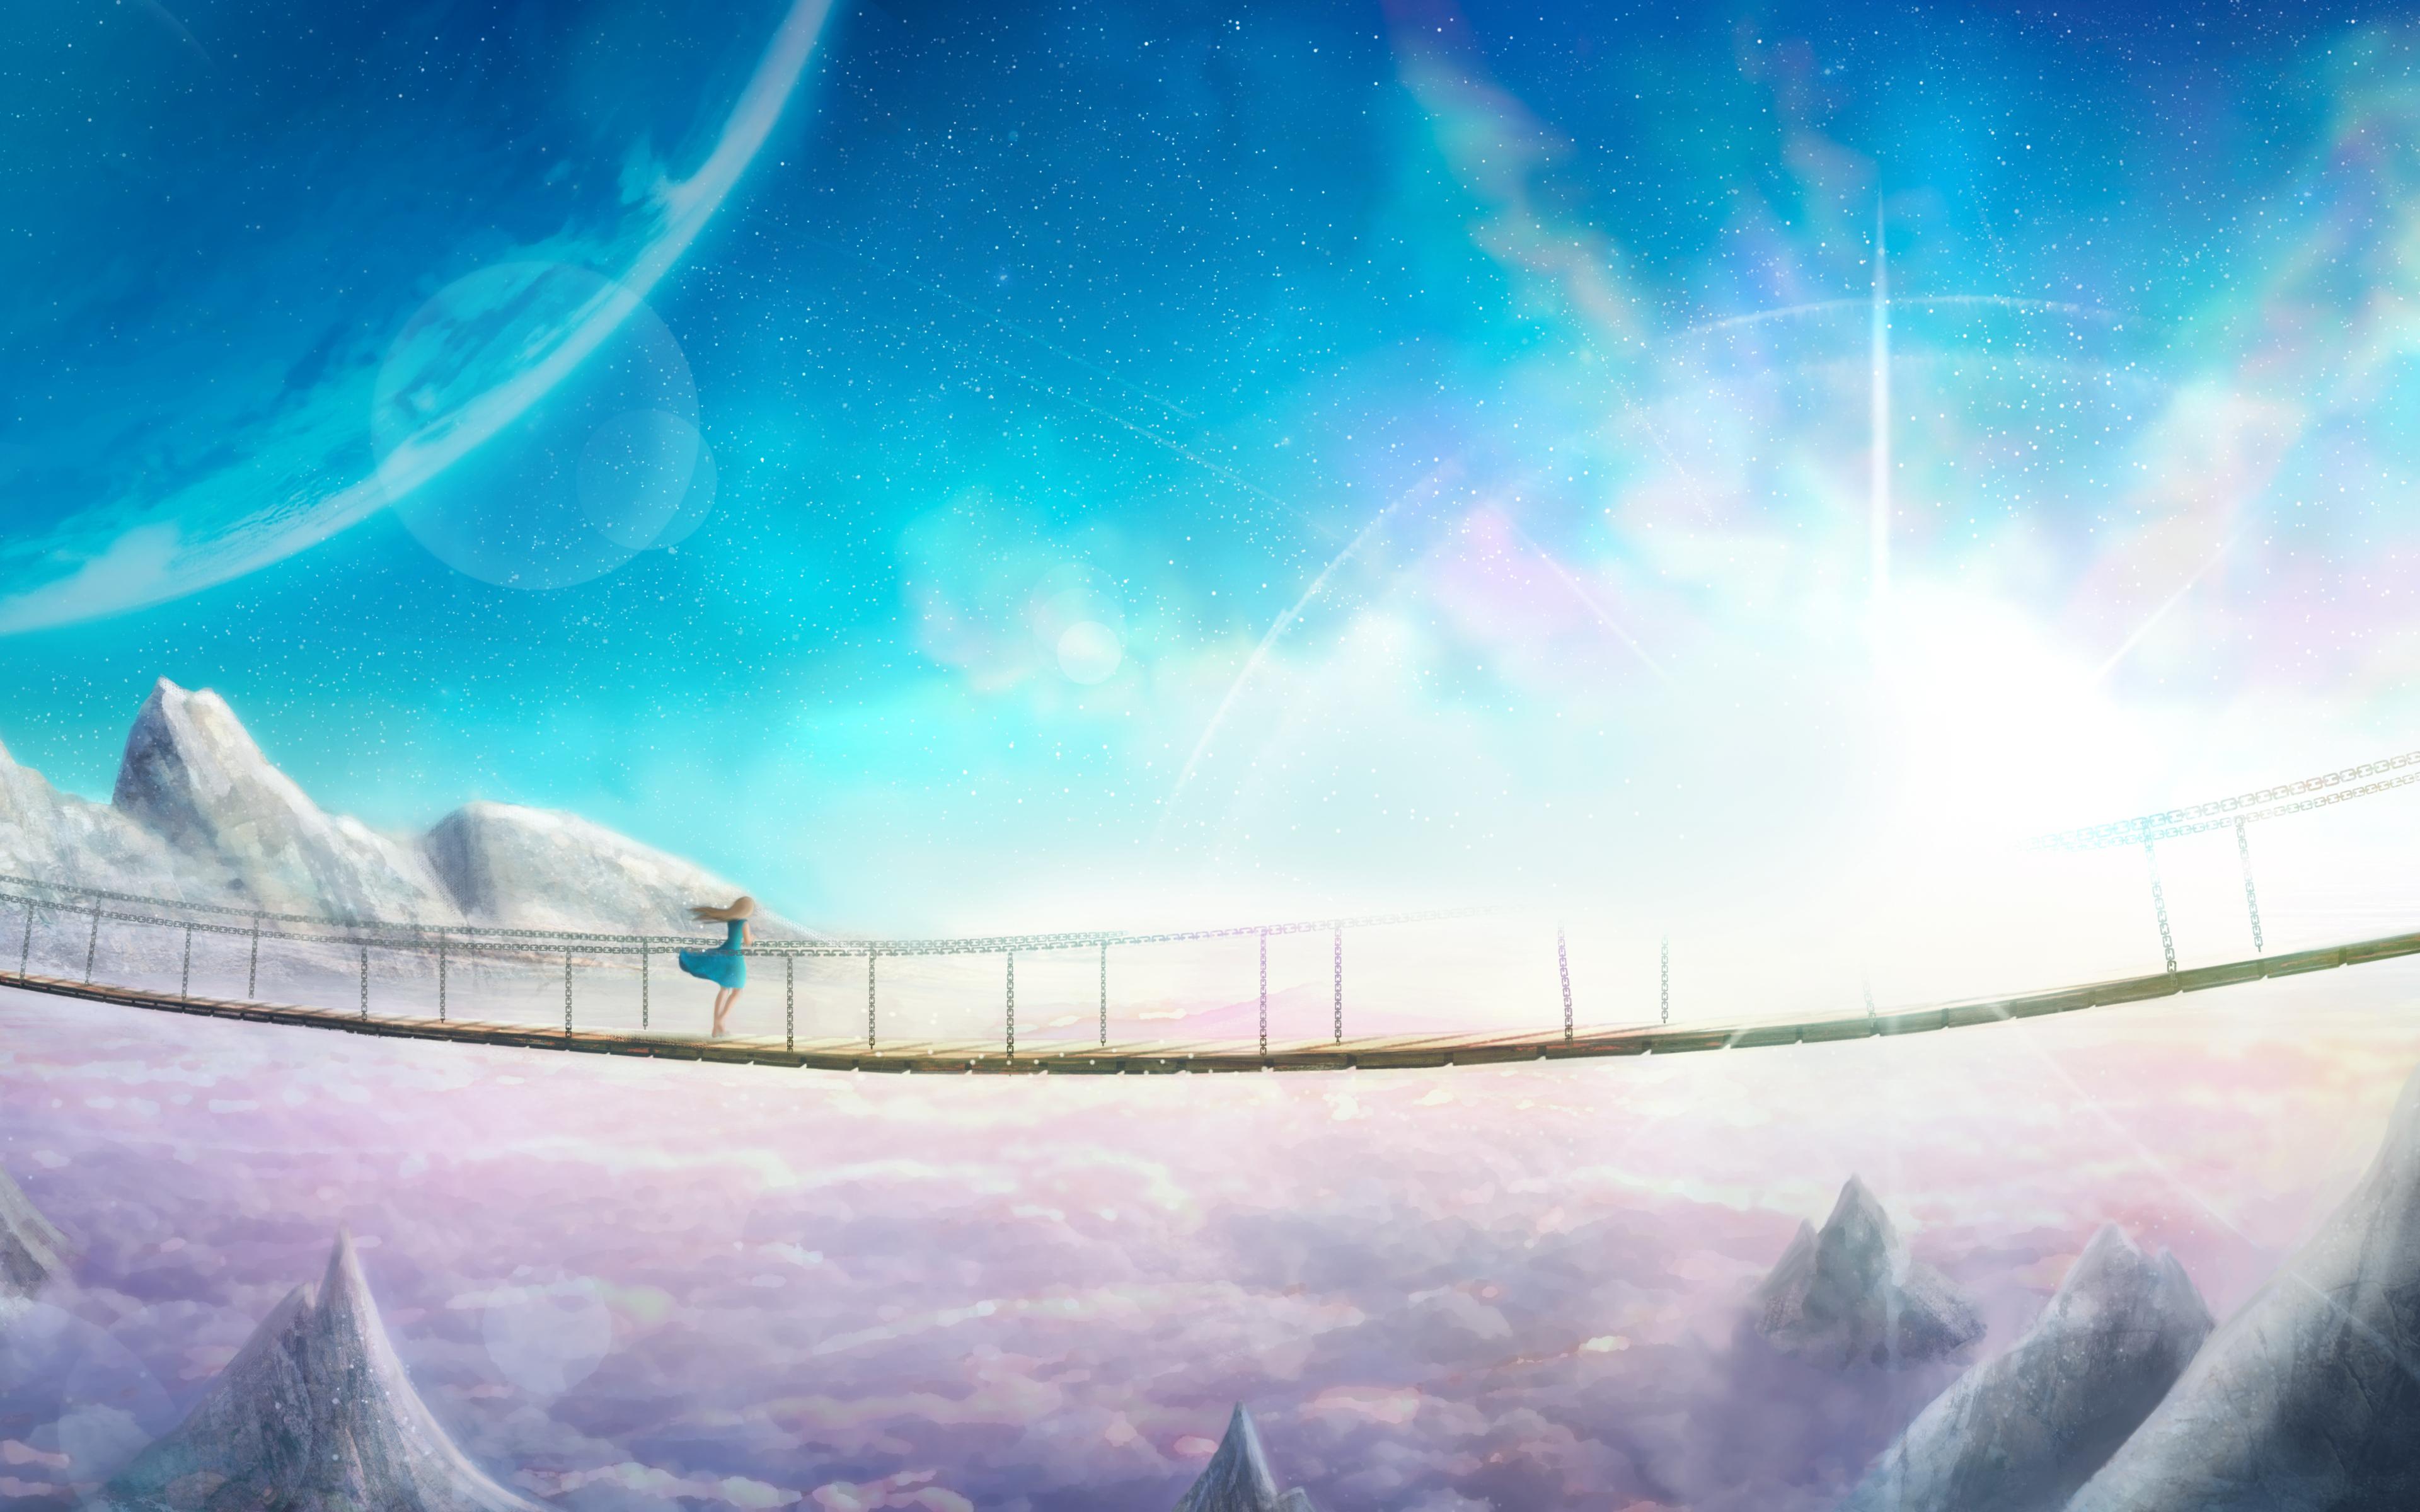 supernova-anime-landscape-v5.jpg